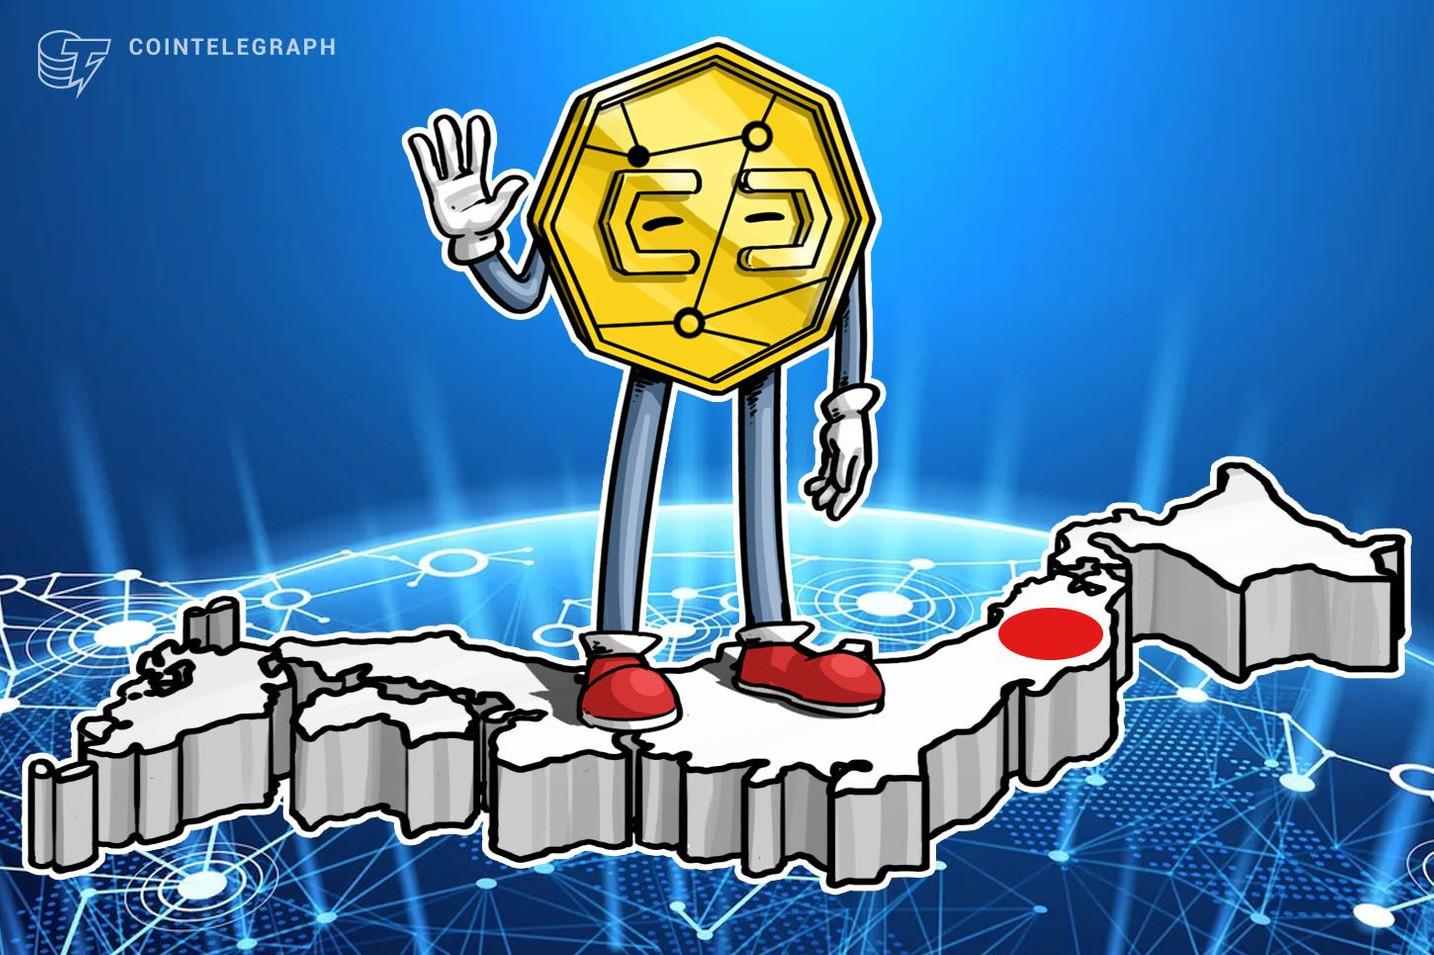 東海東京、デジタル証券取引所の開設目指す  ブロックチェーン企業に出資へ=日経